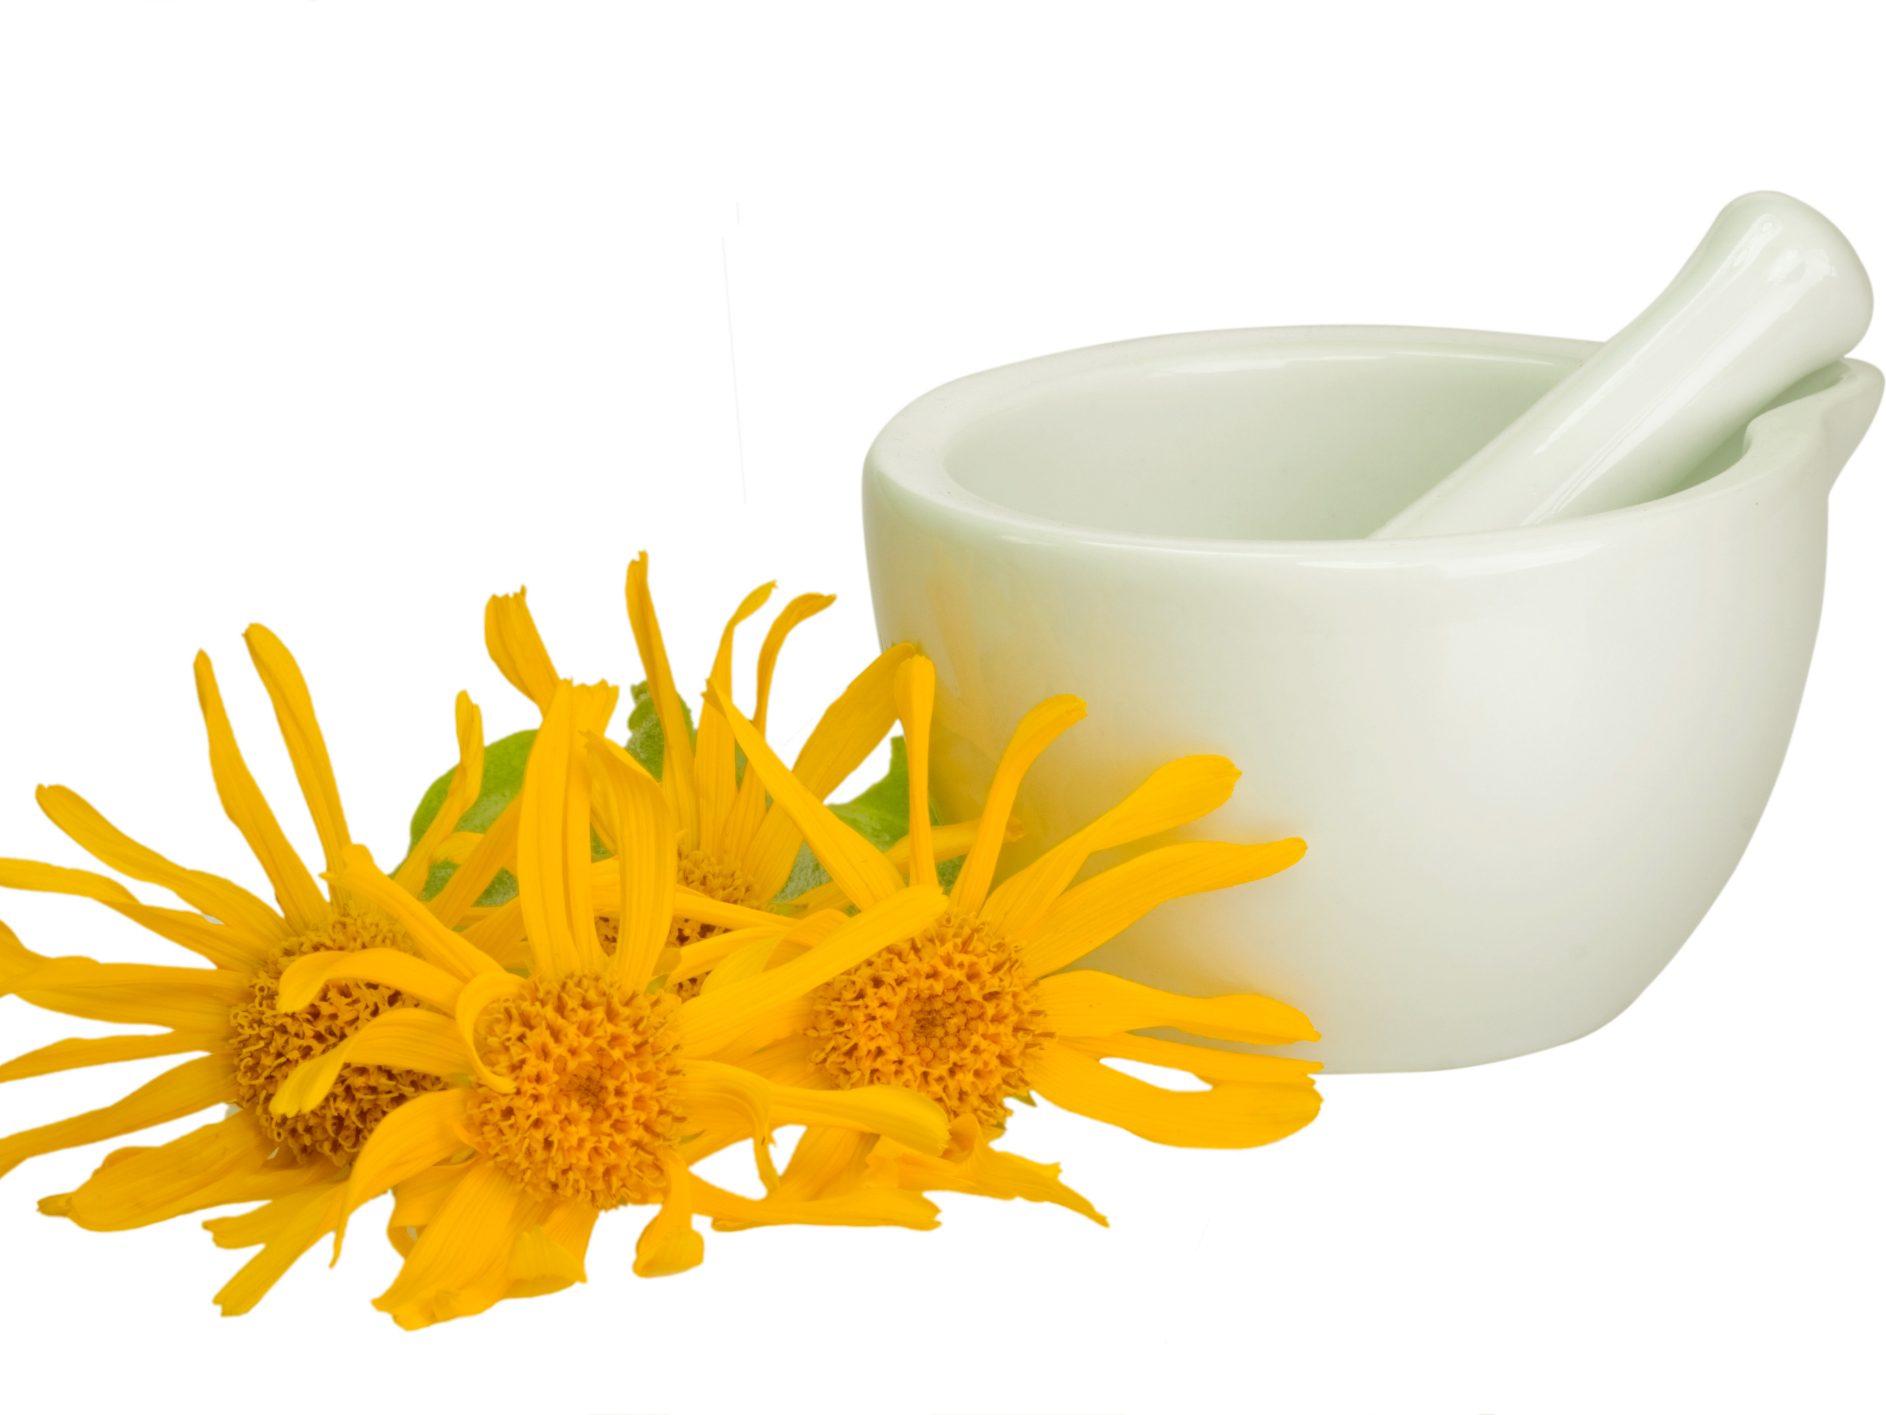 10 trucs et remèdes pour guérir les entorses et foulures